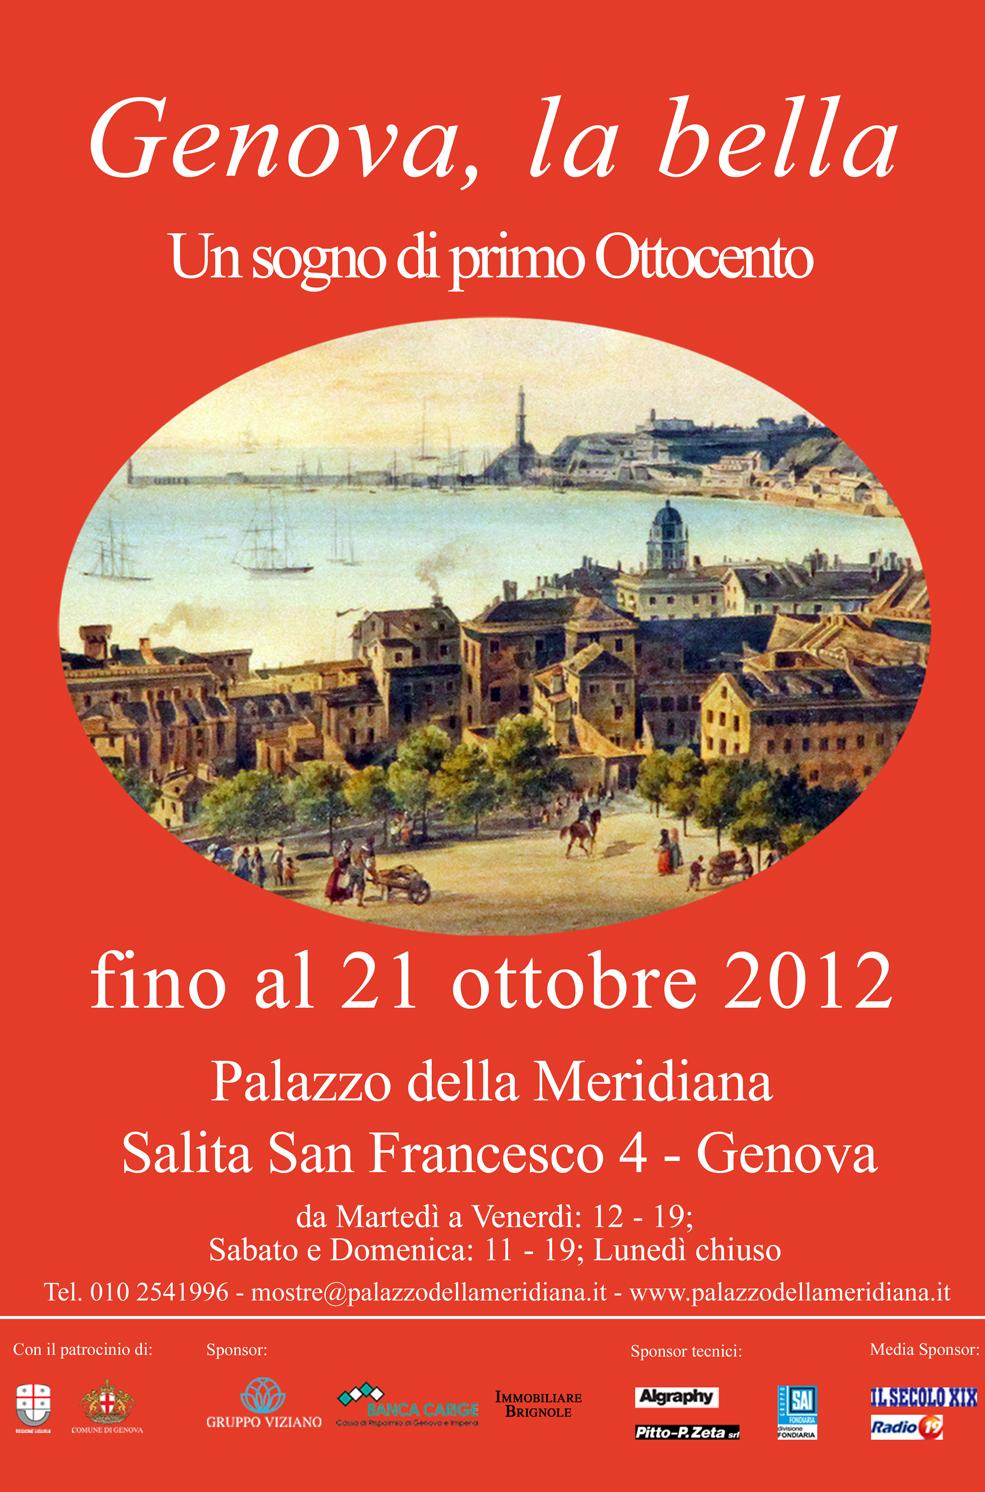 pubblicità trova genova_mostra Genova la bella_985